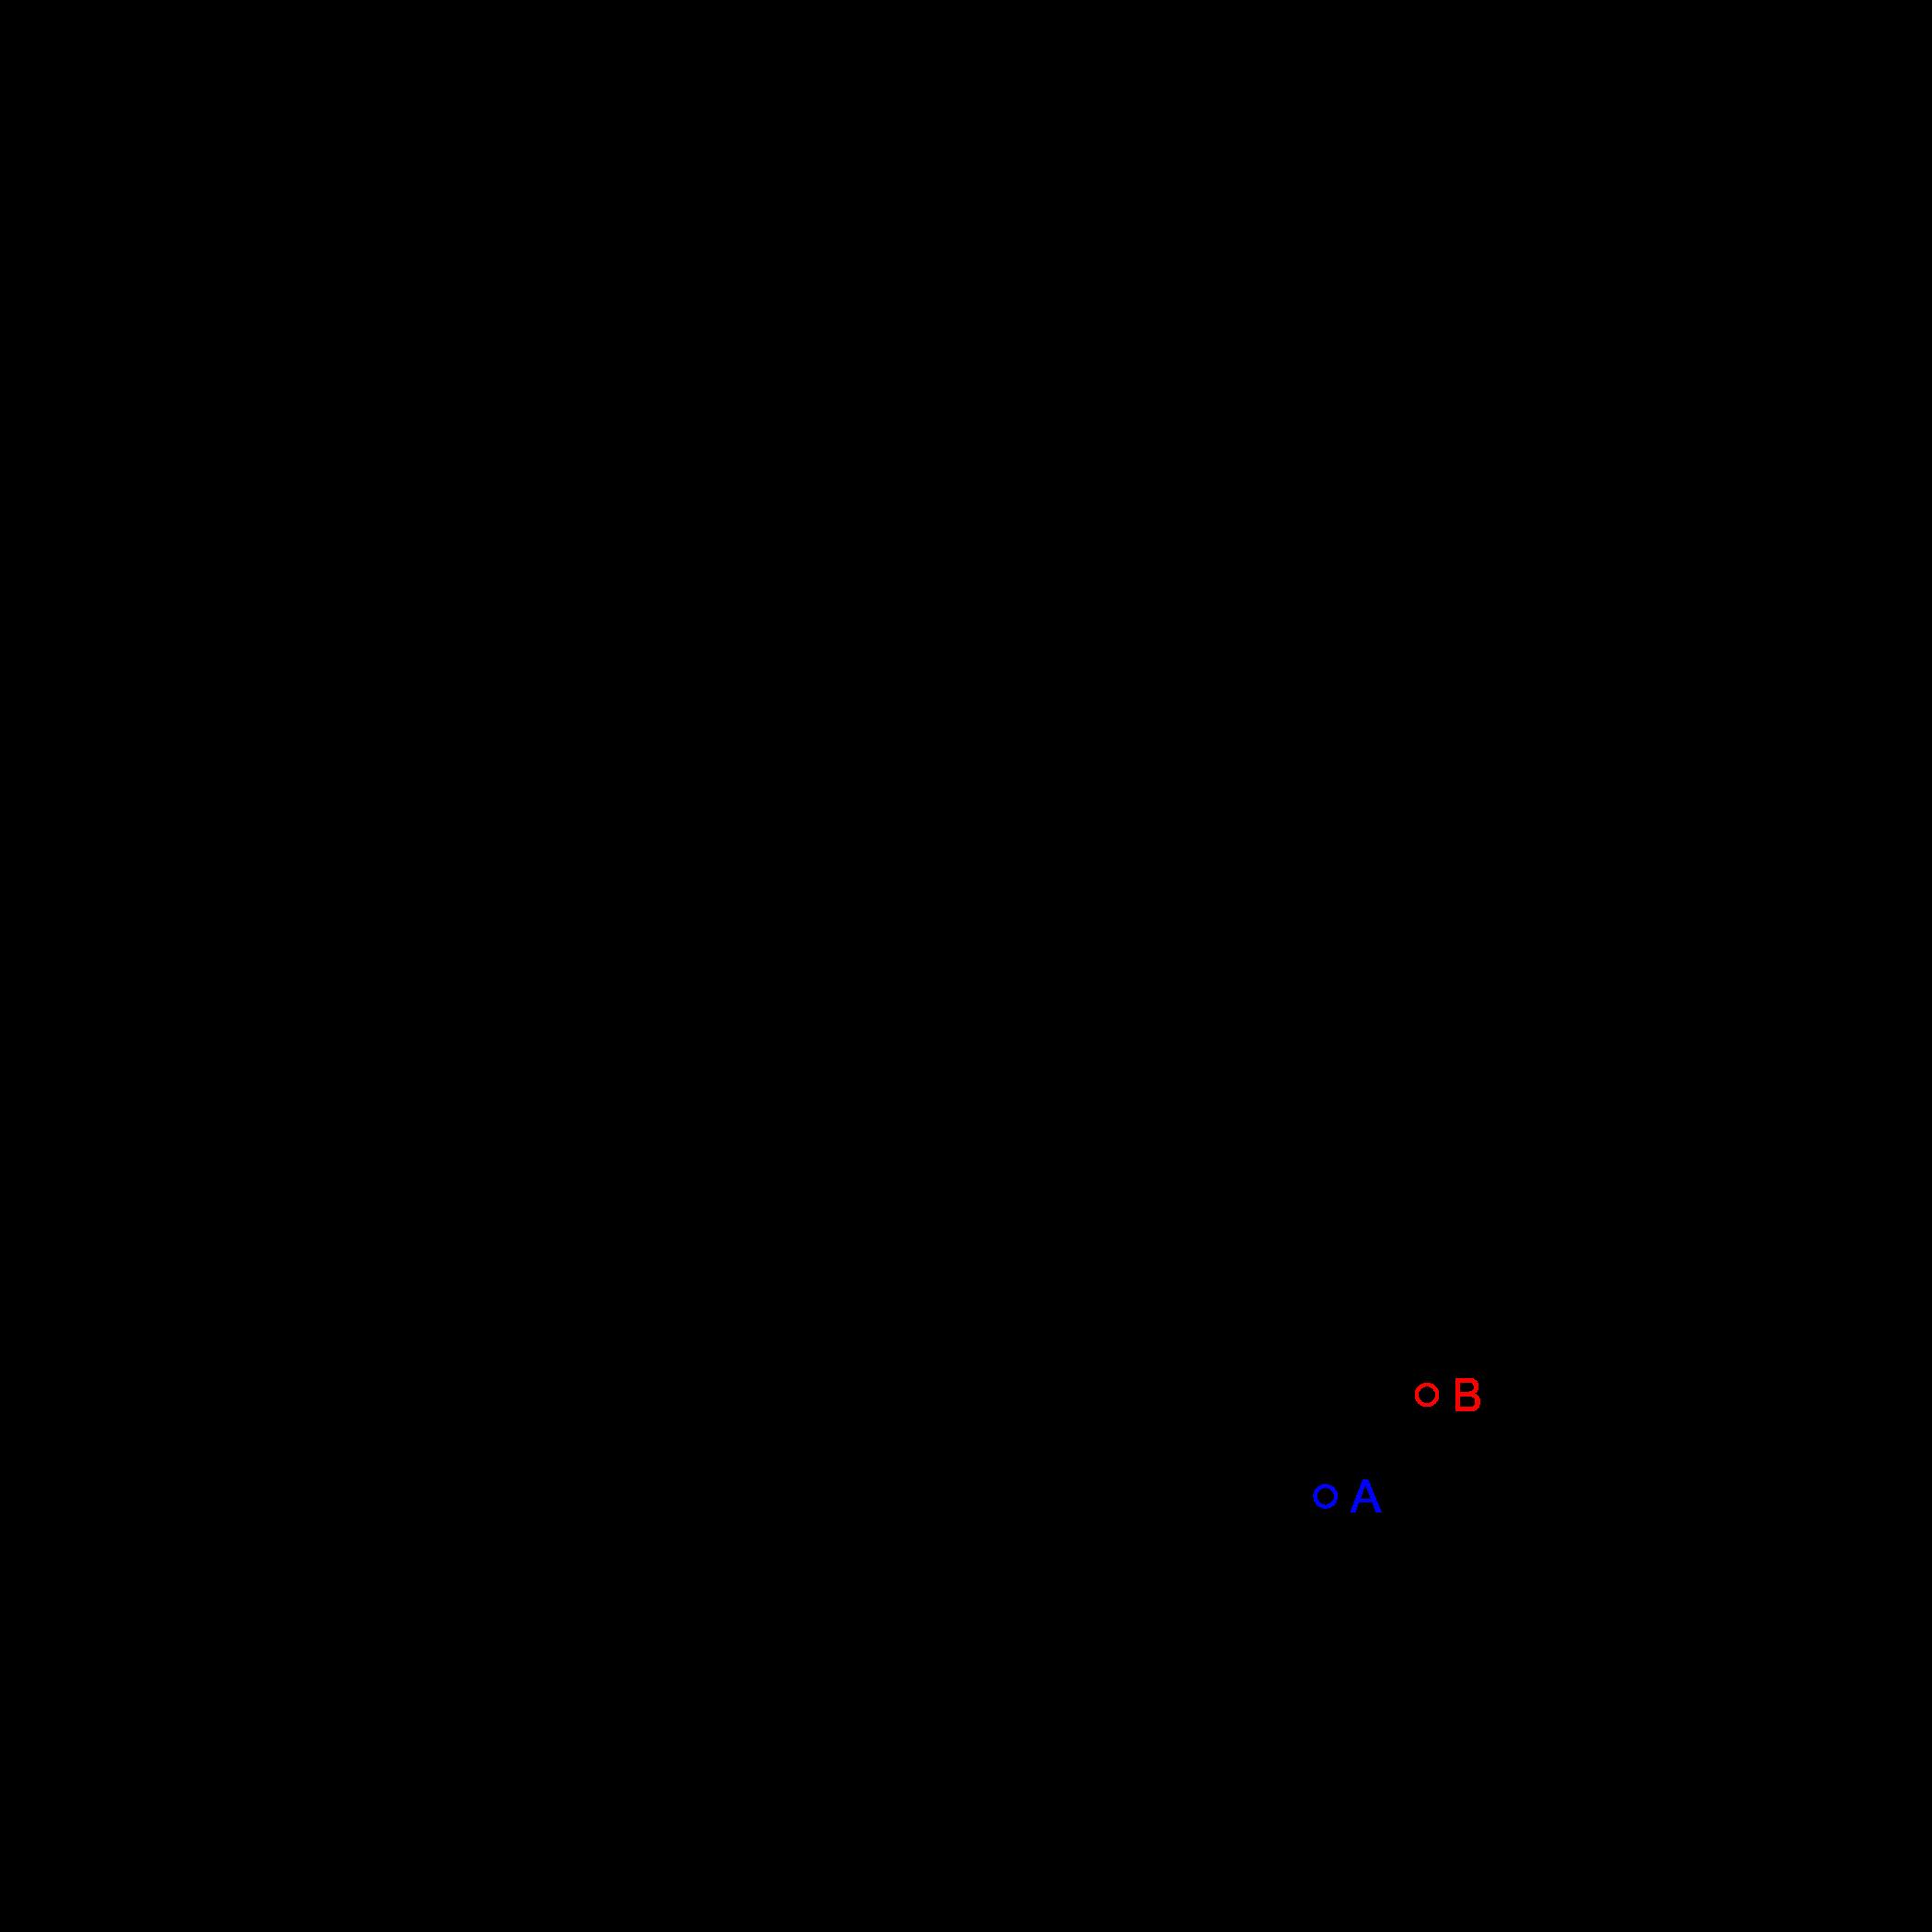 Voronoi